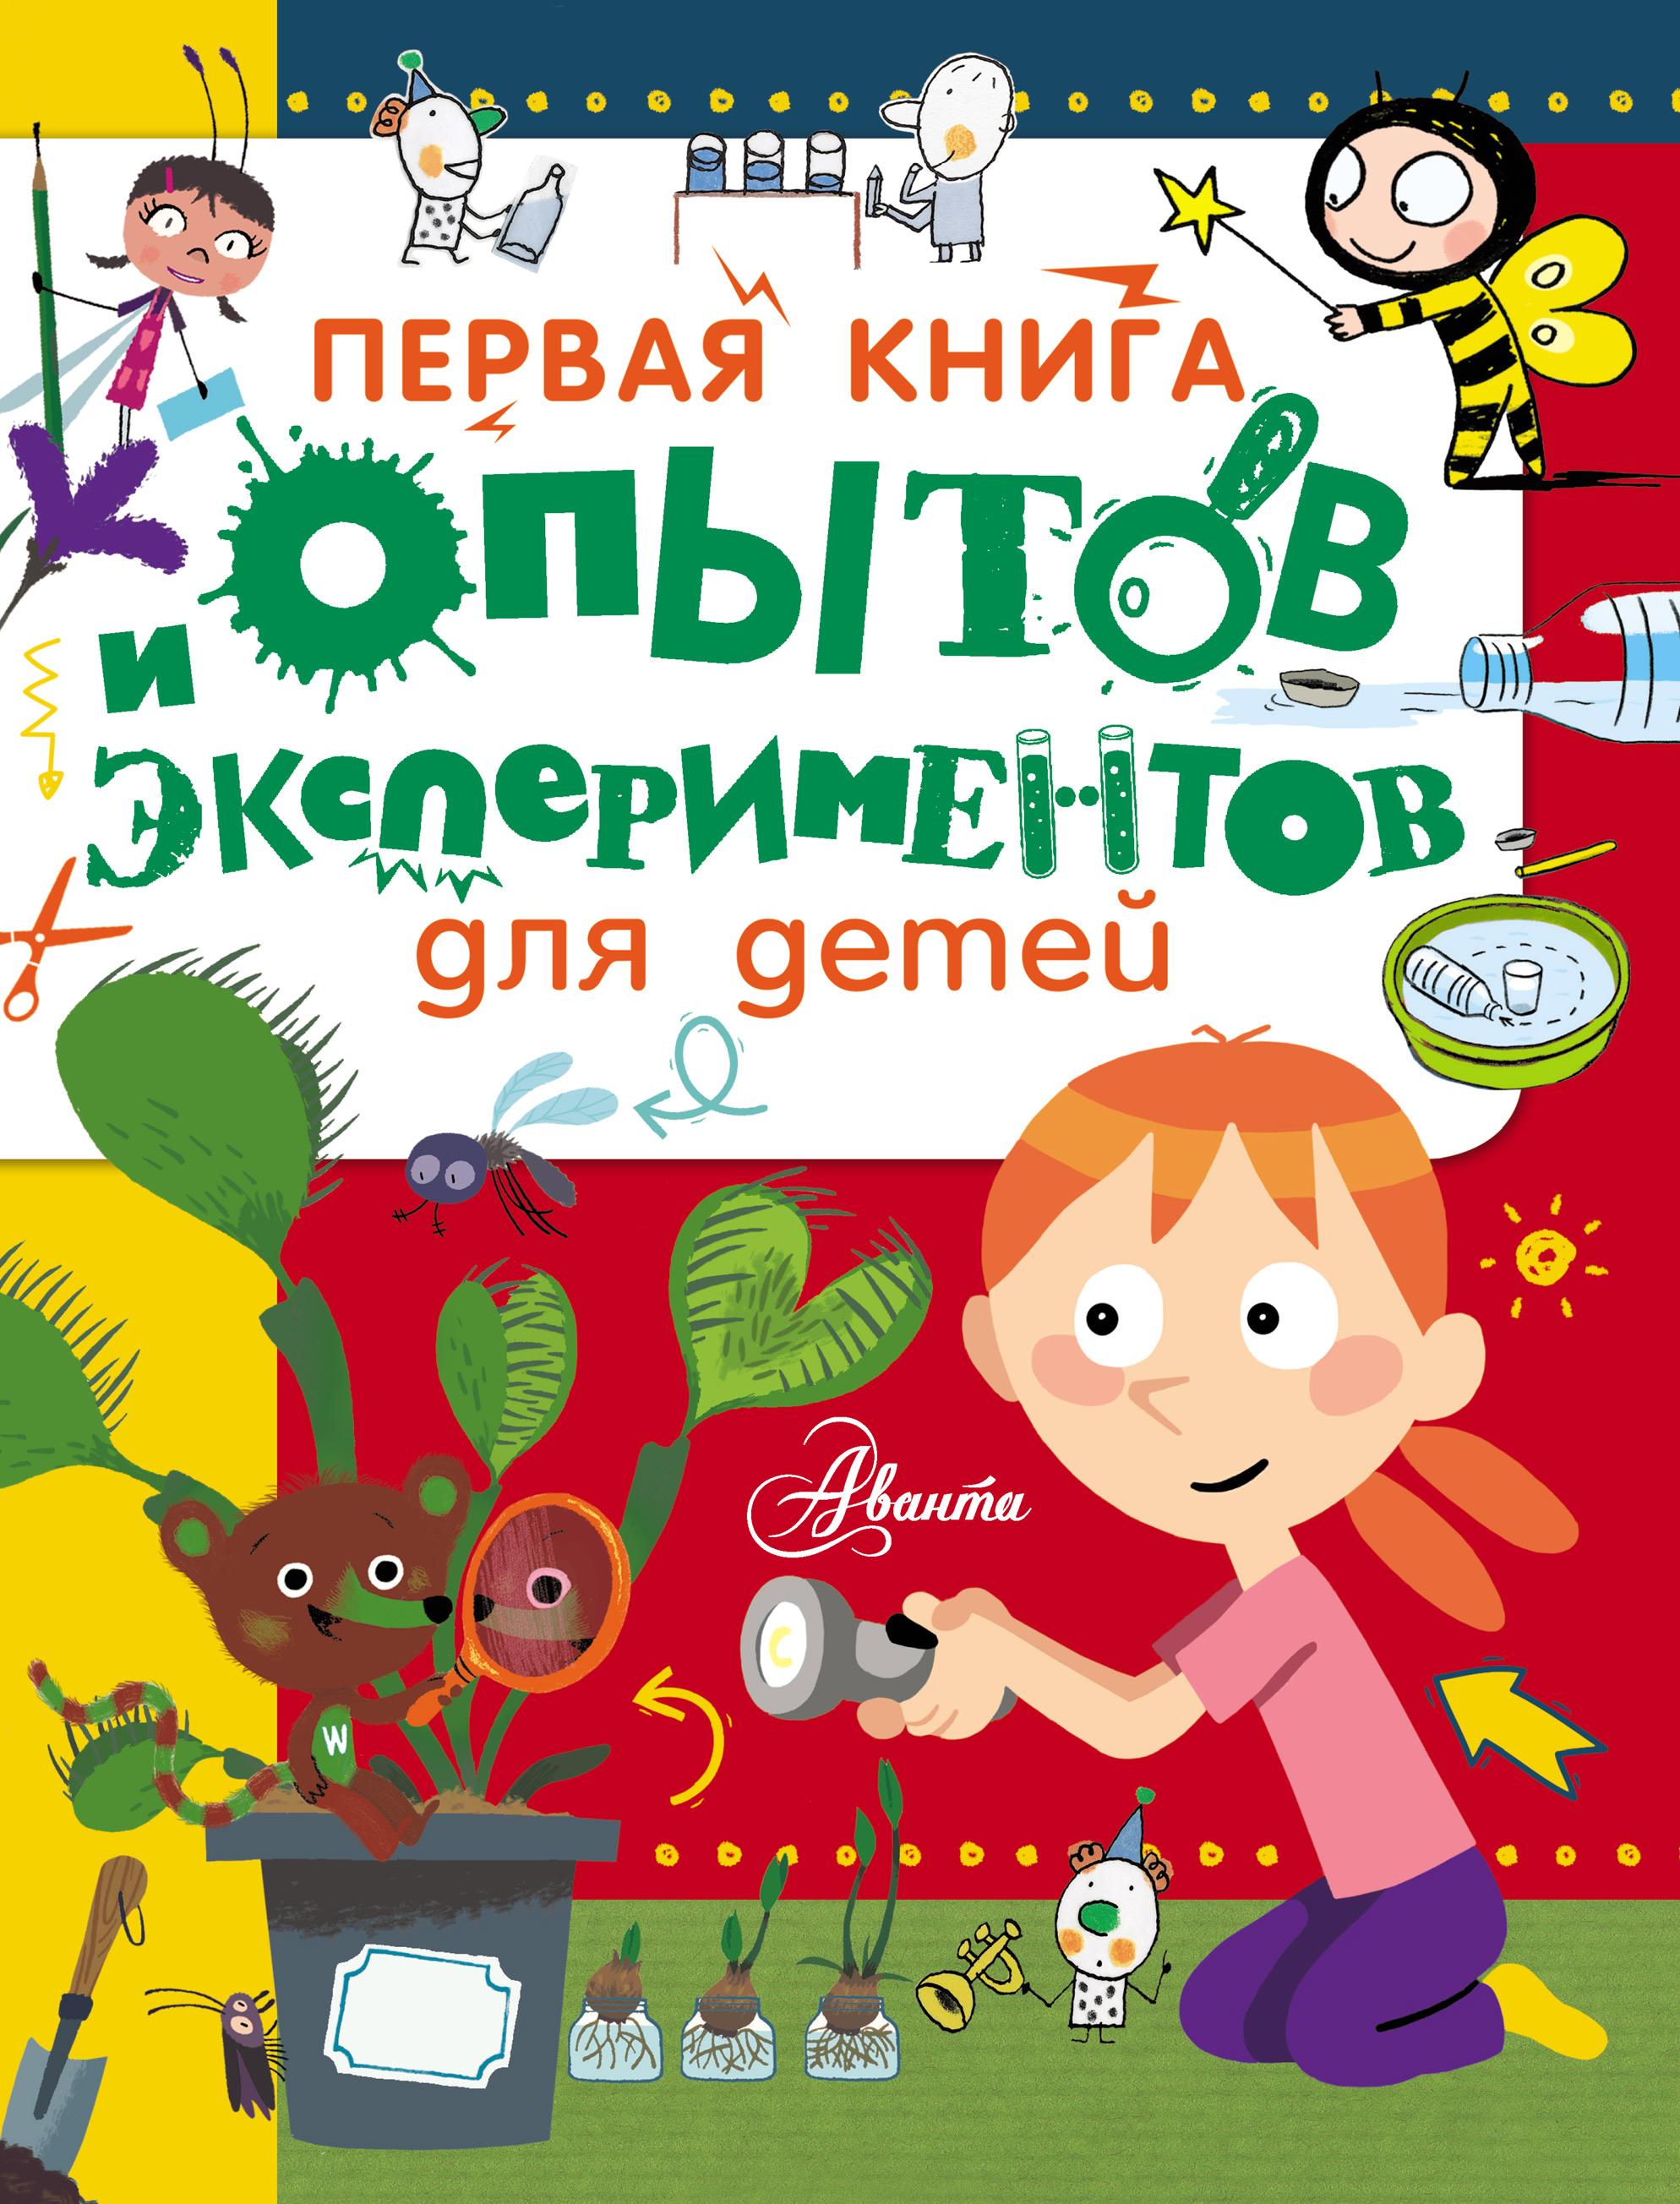 все цены на Дэльфин Гринберг Первая книга опытов и экспериментов для детей онлайн